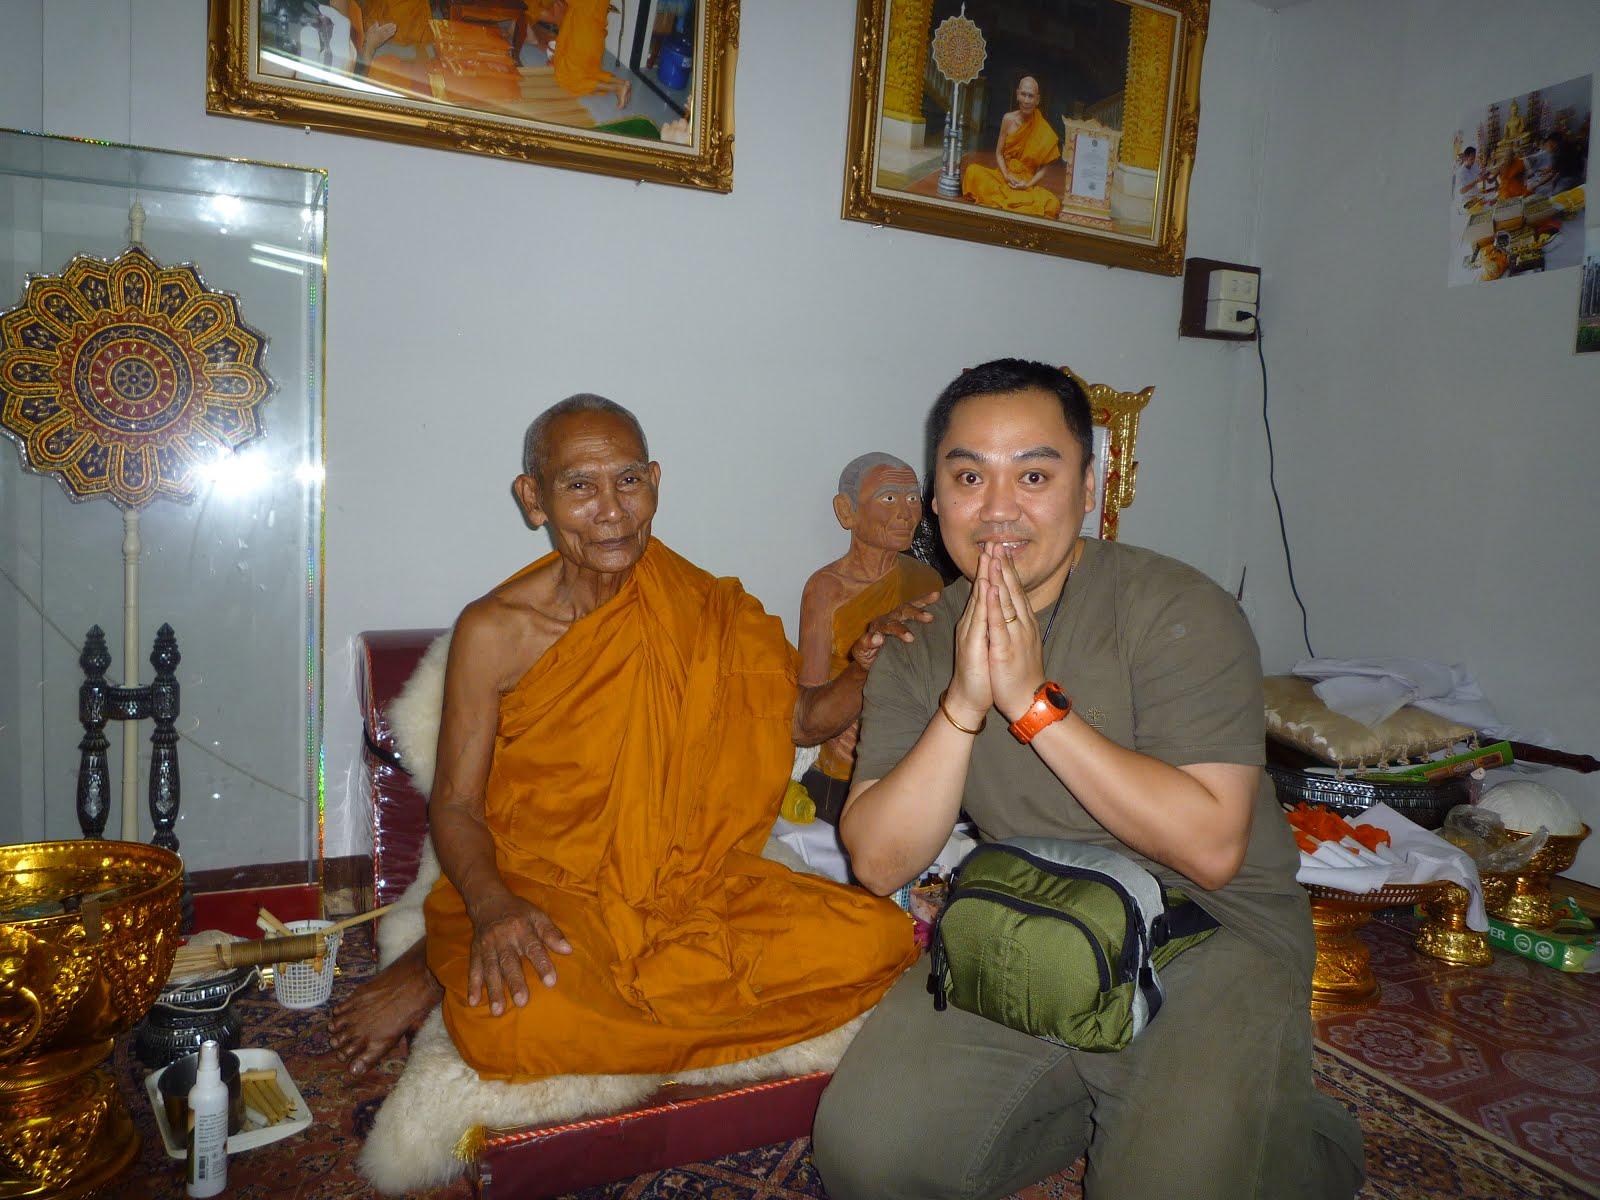 Luangta Gai - Cambodia